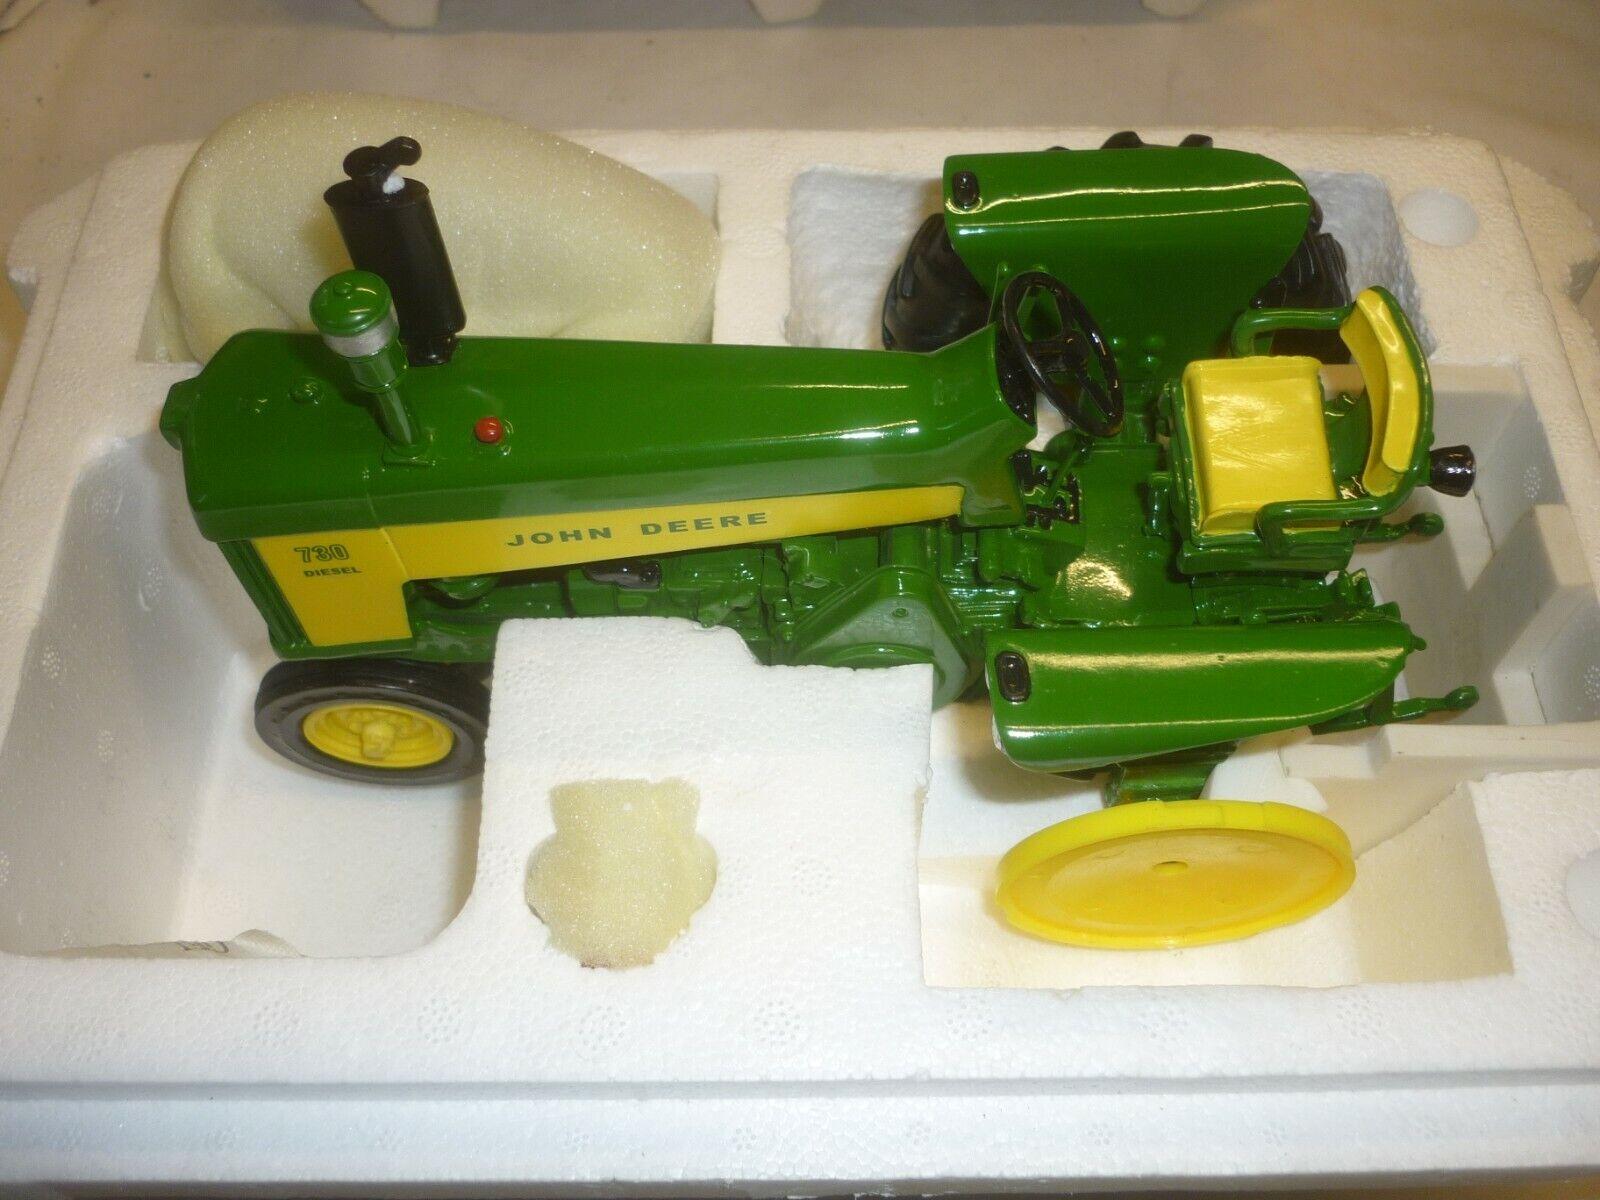 Un modelo de Danbury Mint de un reloj de John Deere Tractor de granja, sólo en caja de poliestireno